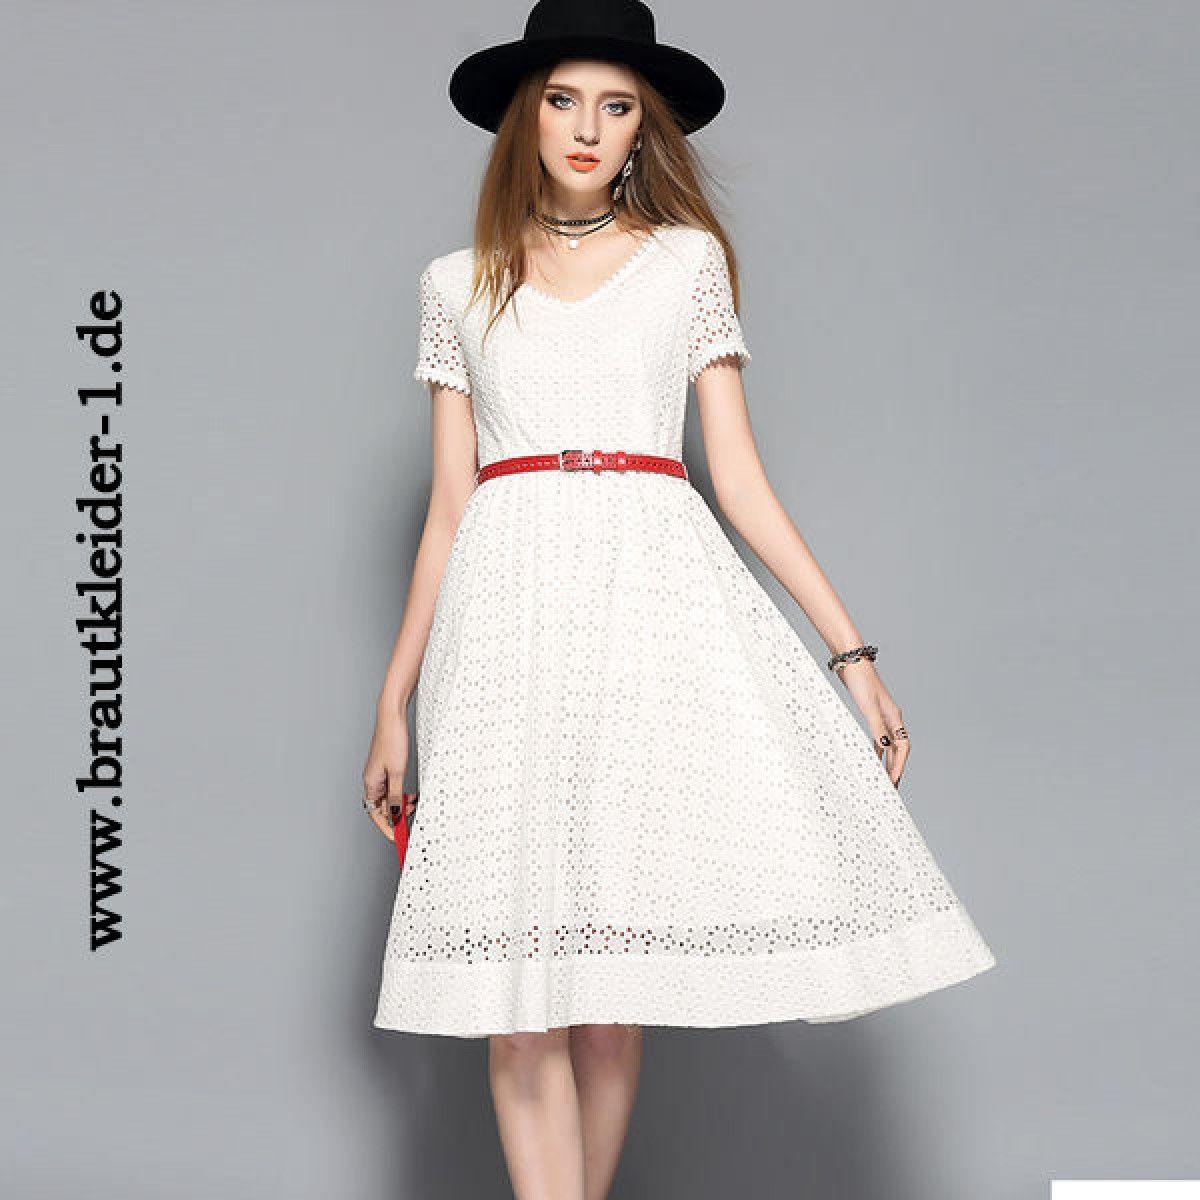 Weißes Midi Kleid Fuer Den Standesamt Mit Guertel Braut